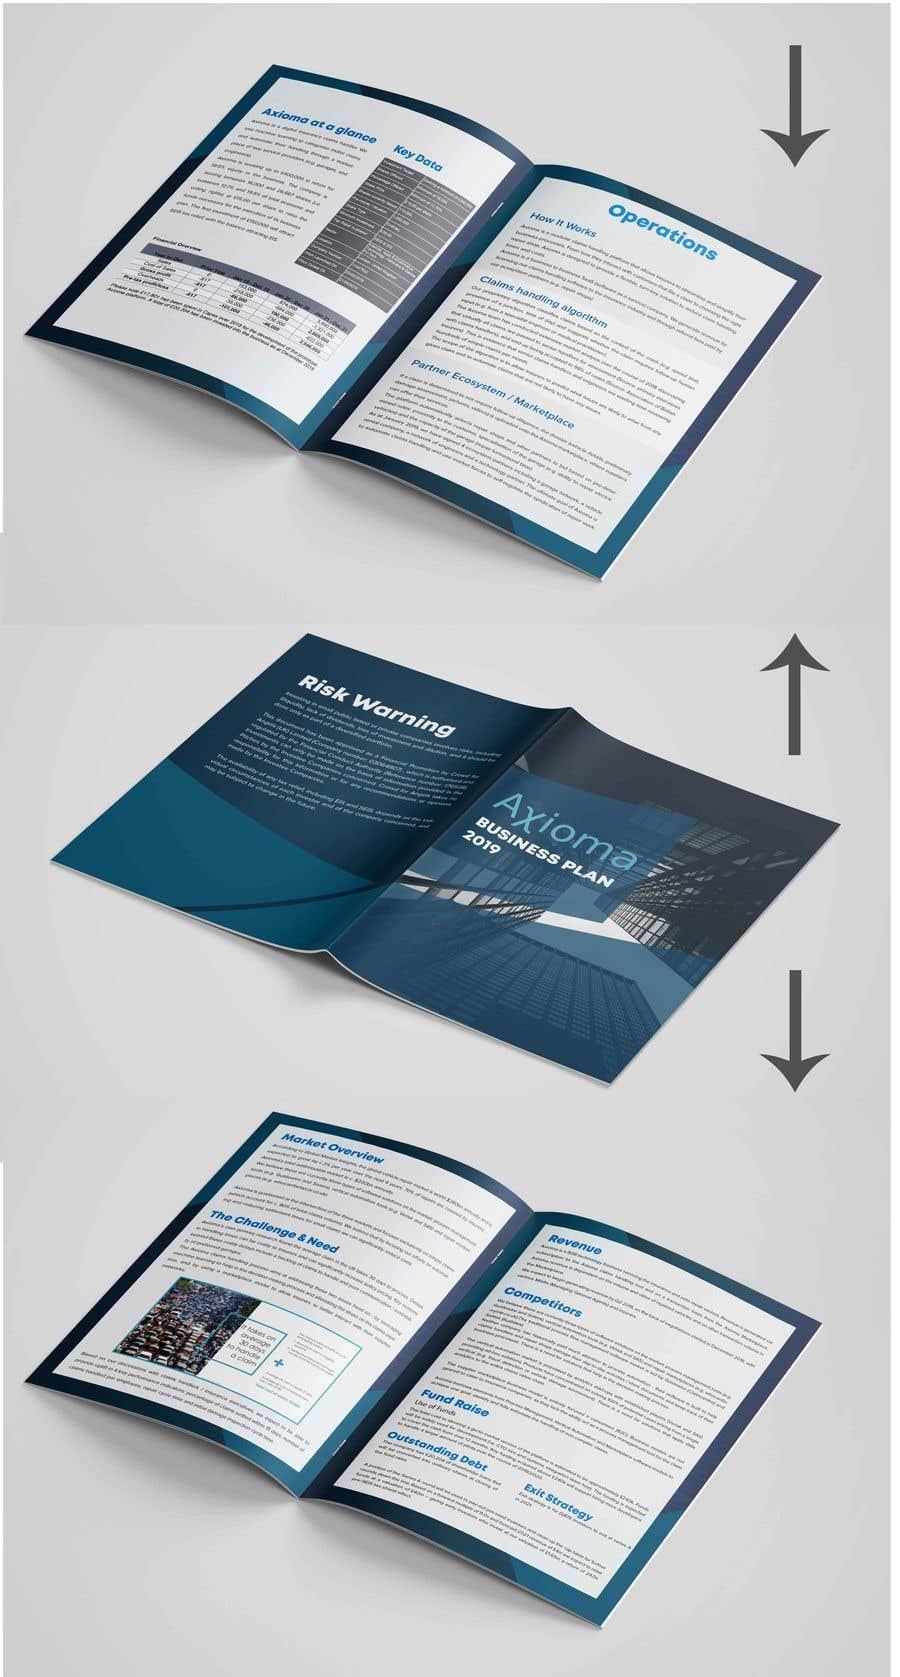 Penyertaan Peraduan #28 untuk 6 page business brochure/report design